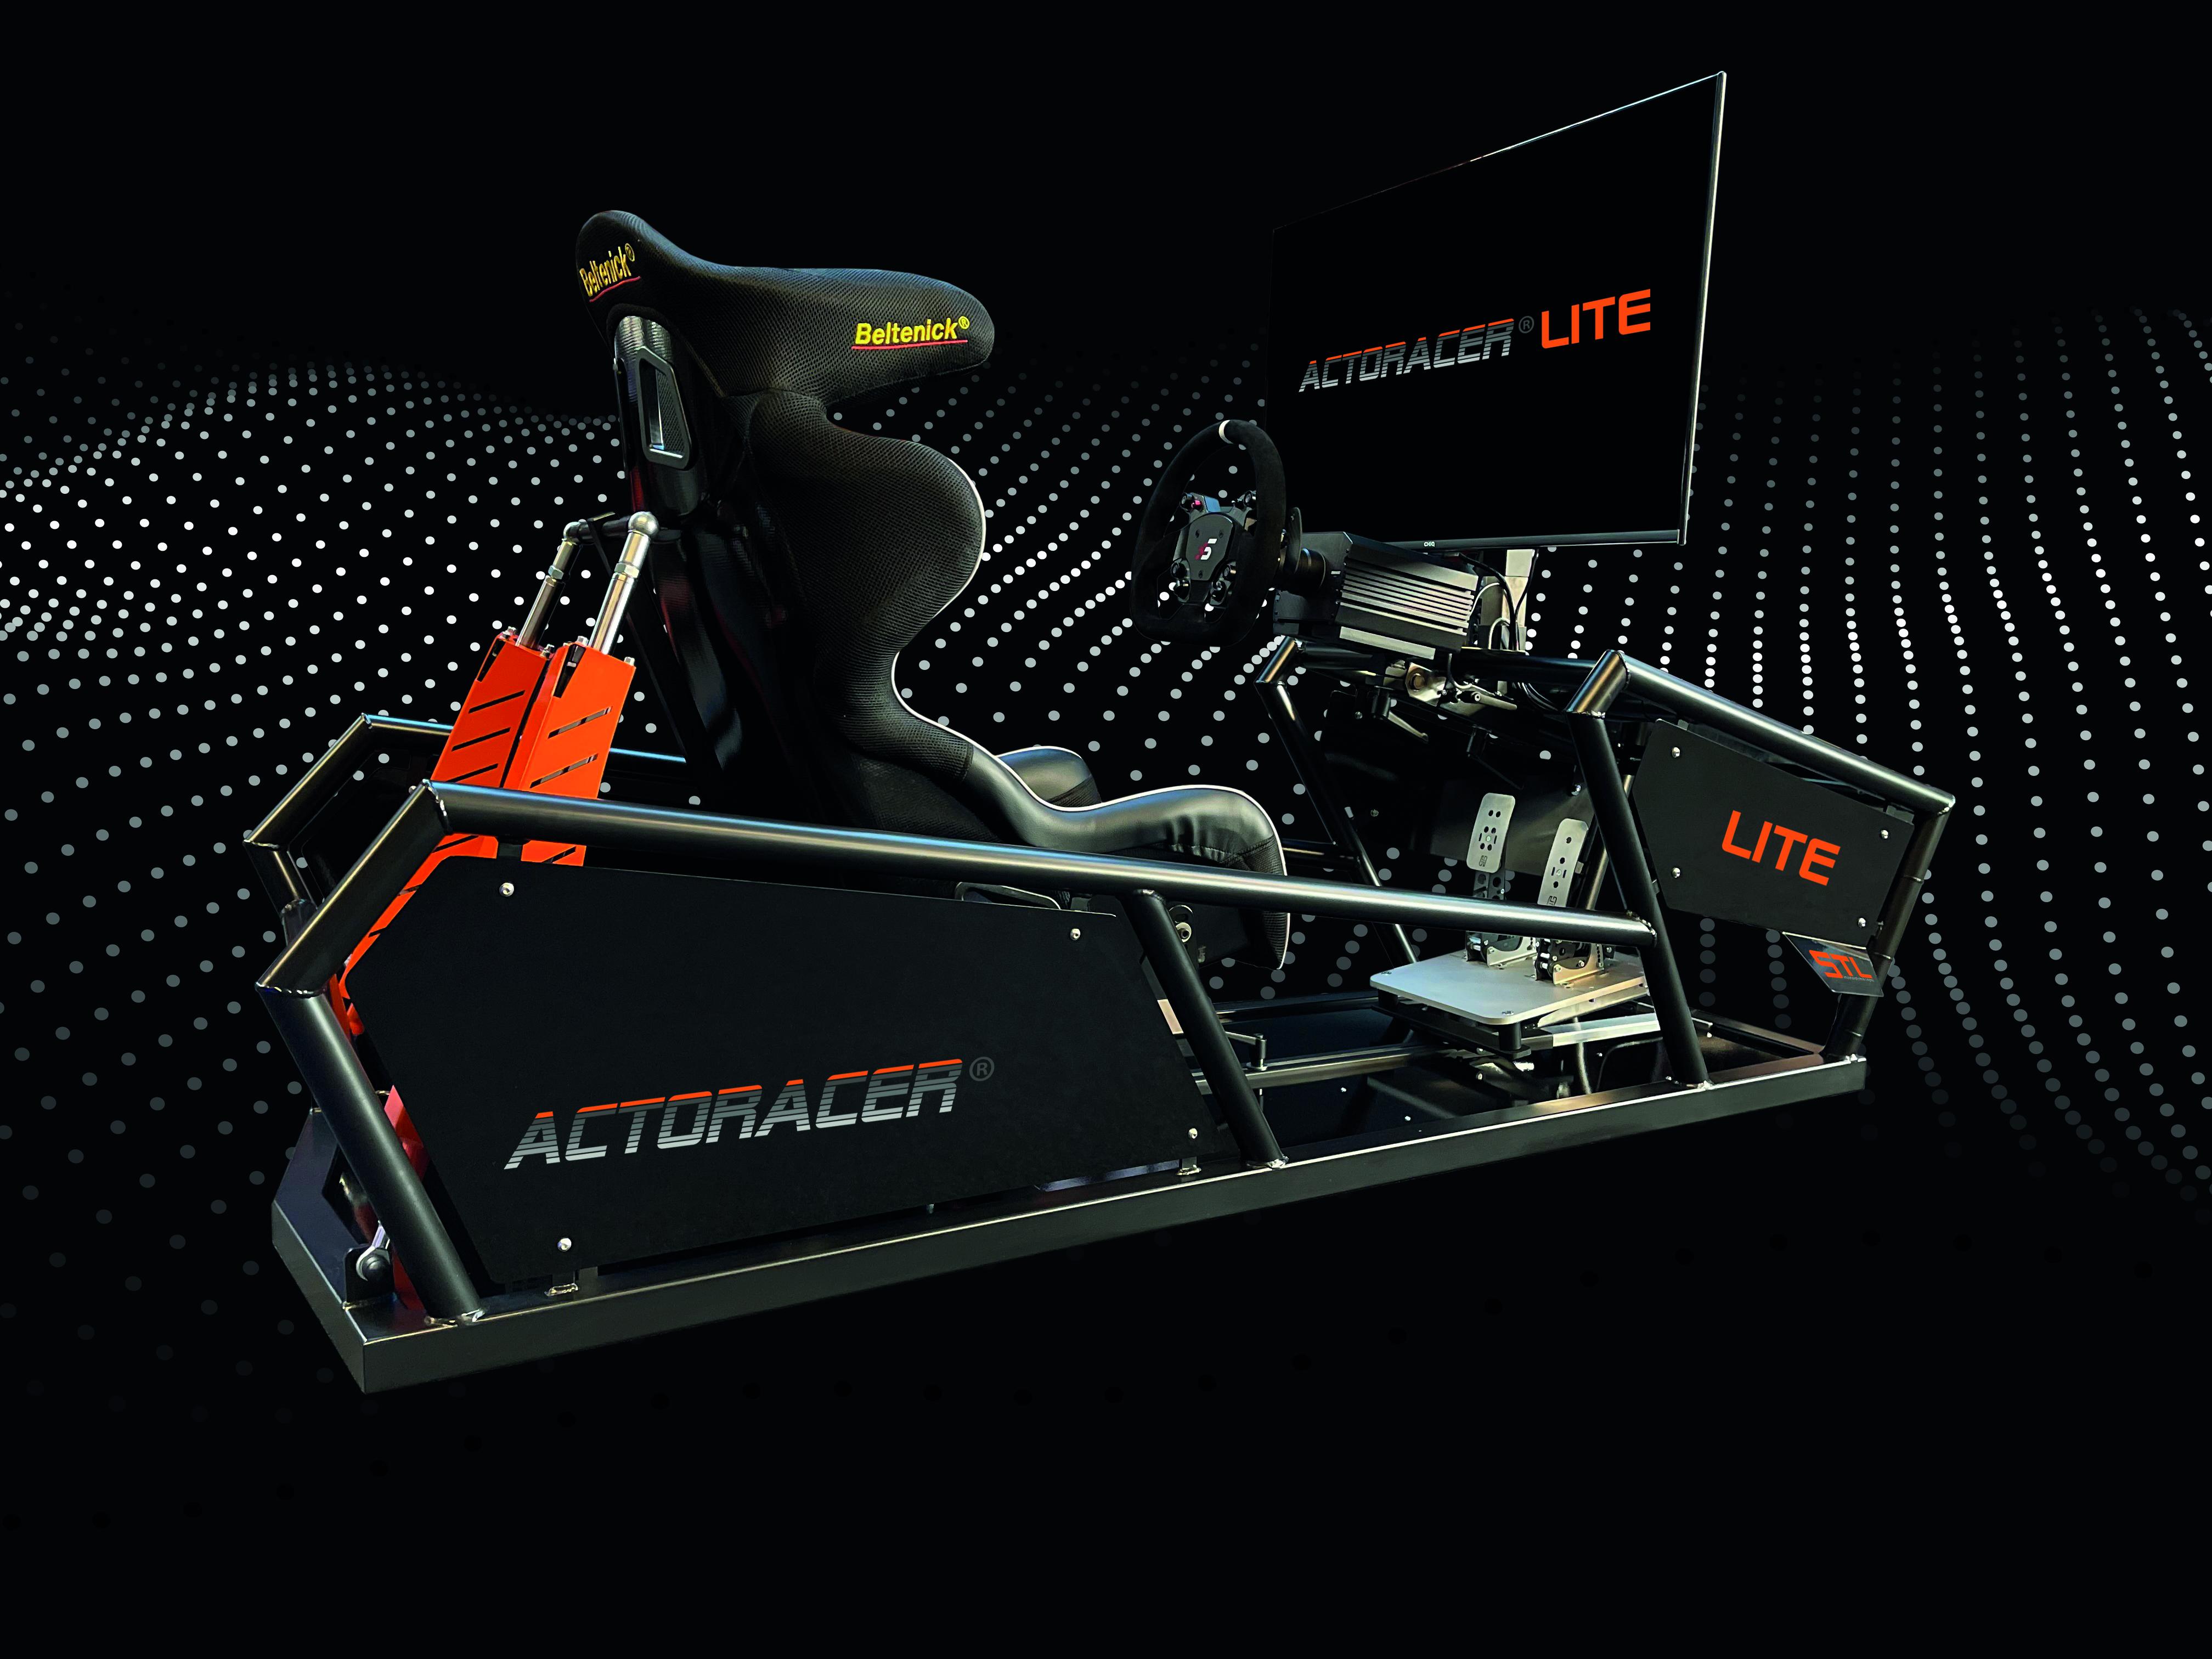 Actoracer Lite -Actoracer-Rennsimulator-Bonn